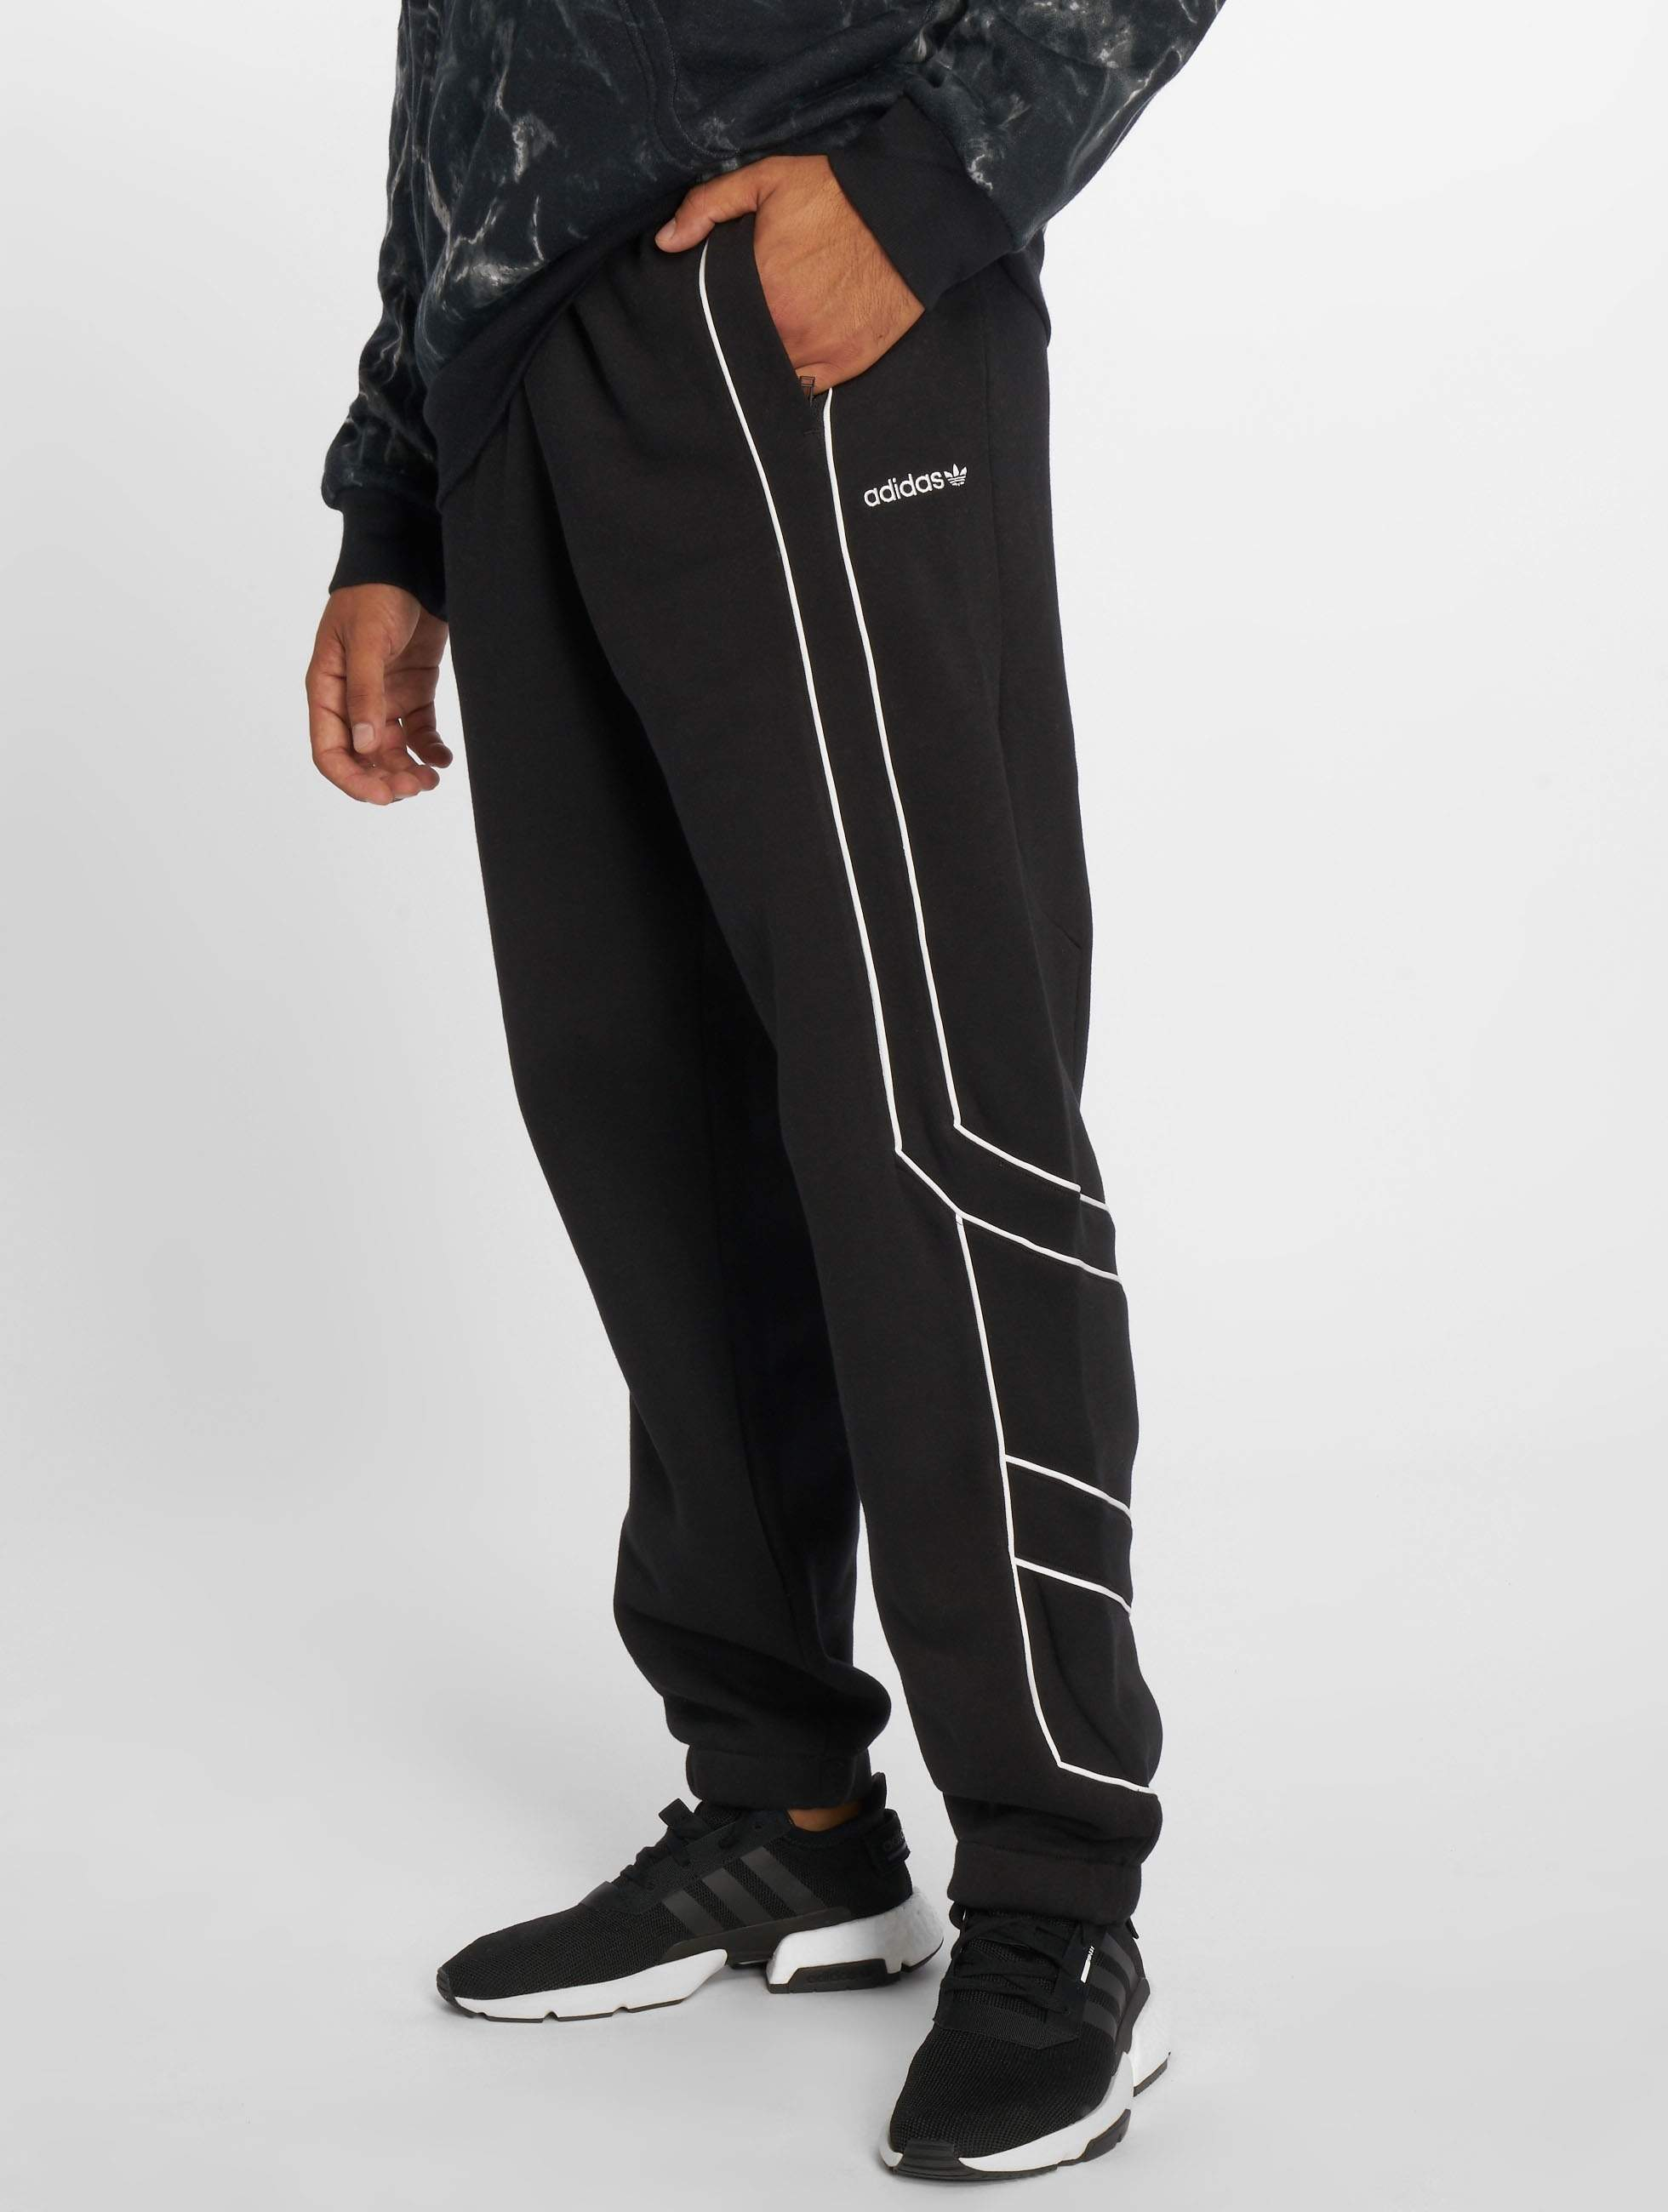 0fd1c506500 adidas originals broek / joggingbroek Eqt Outline Tp in zwart 499993